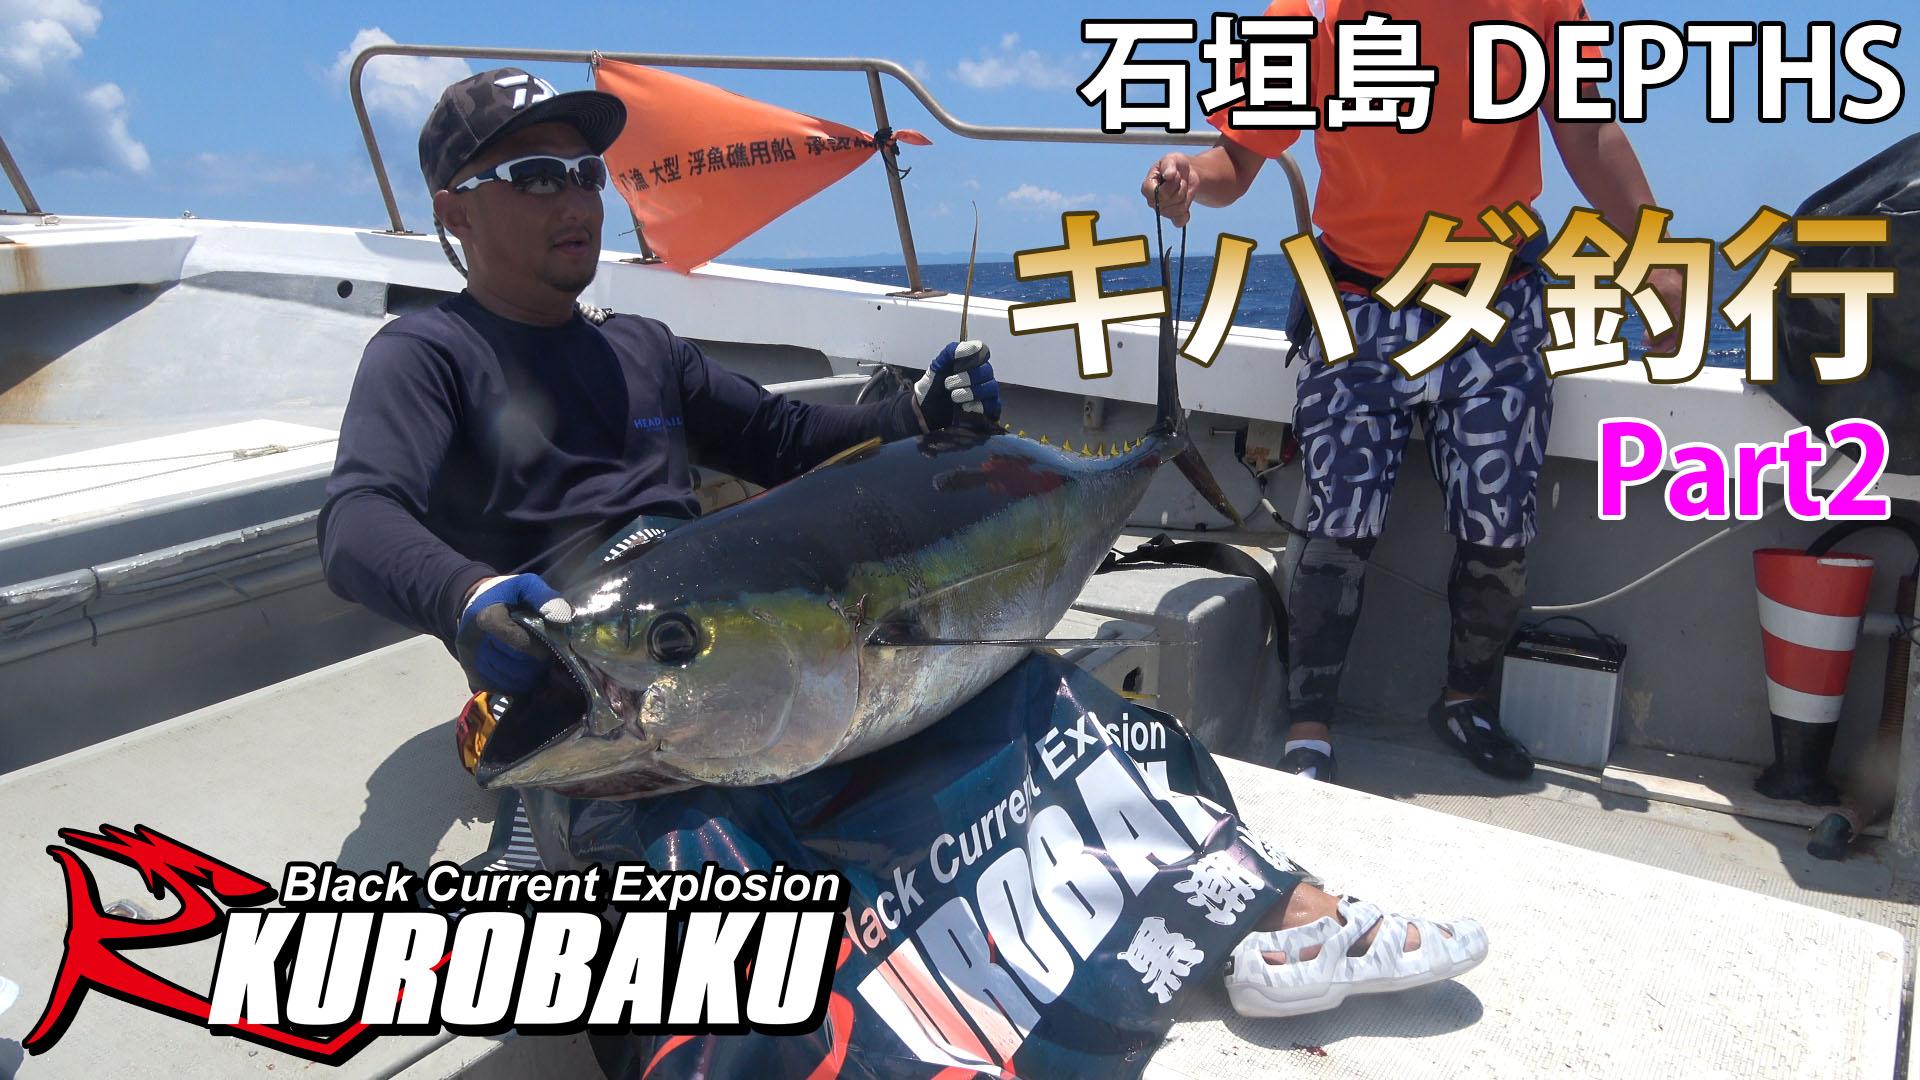 石垣島 DEPTHS キハダ釣行Part2のサムネイル画像